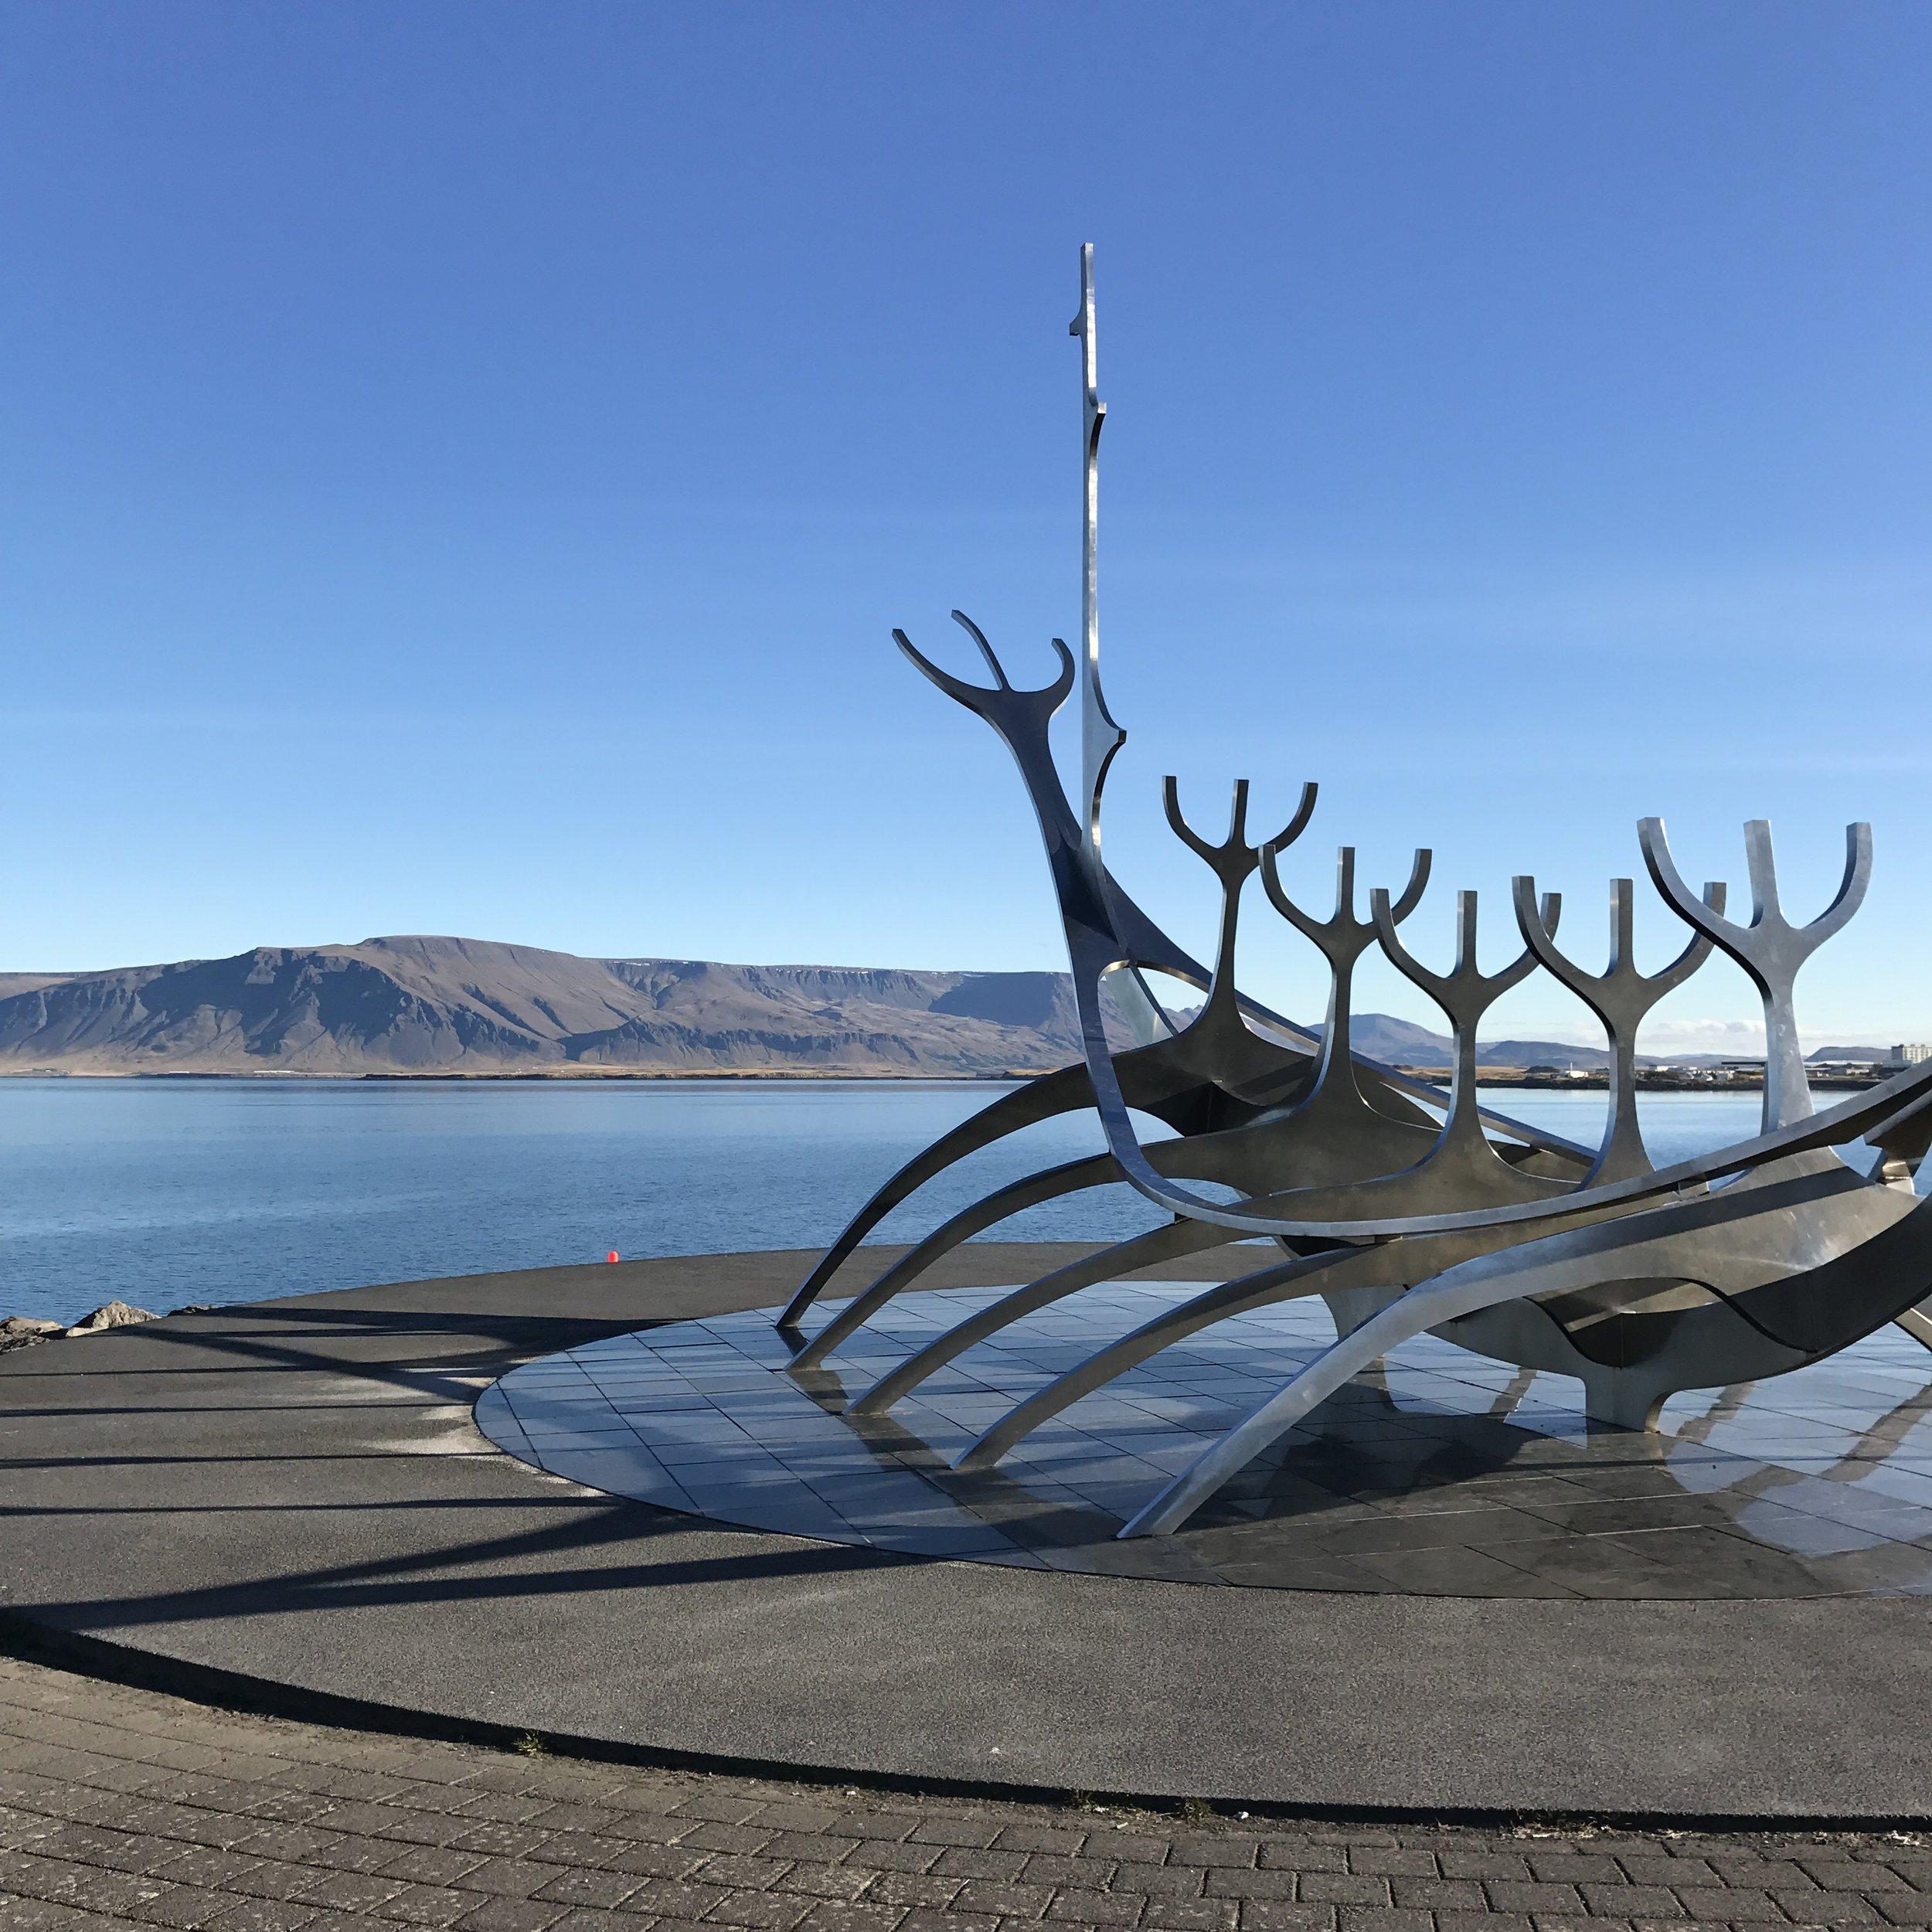 Sólvar sculpture, along the waterfront in Reykjavik